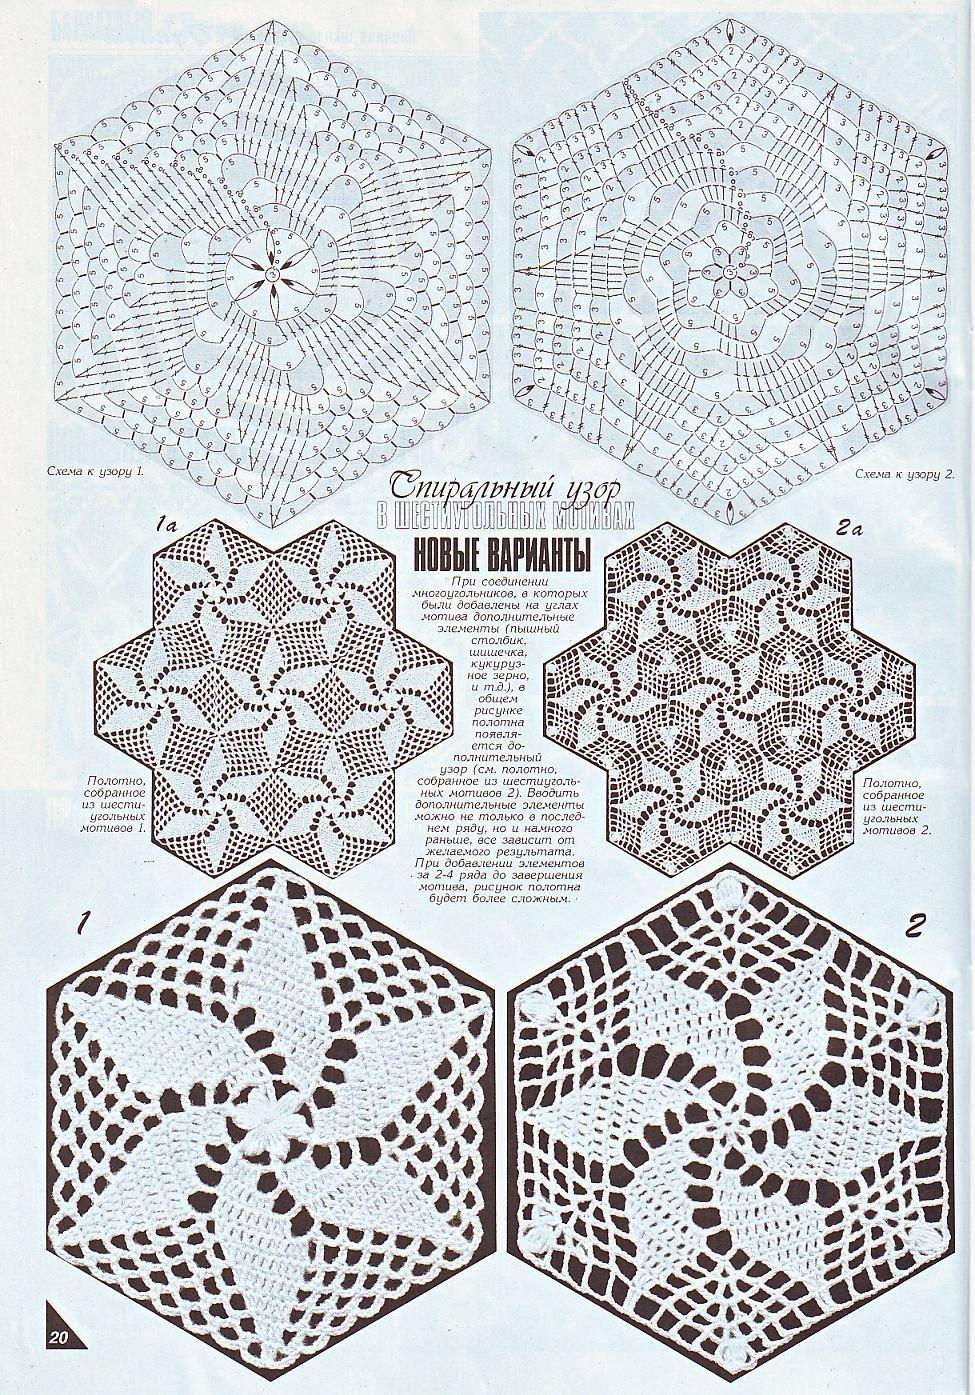 Вязание крючком спиральных мотивов 30